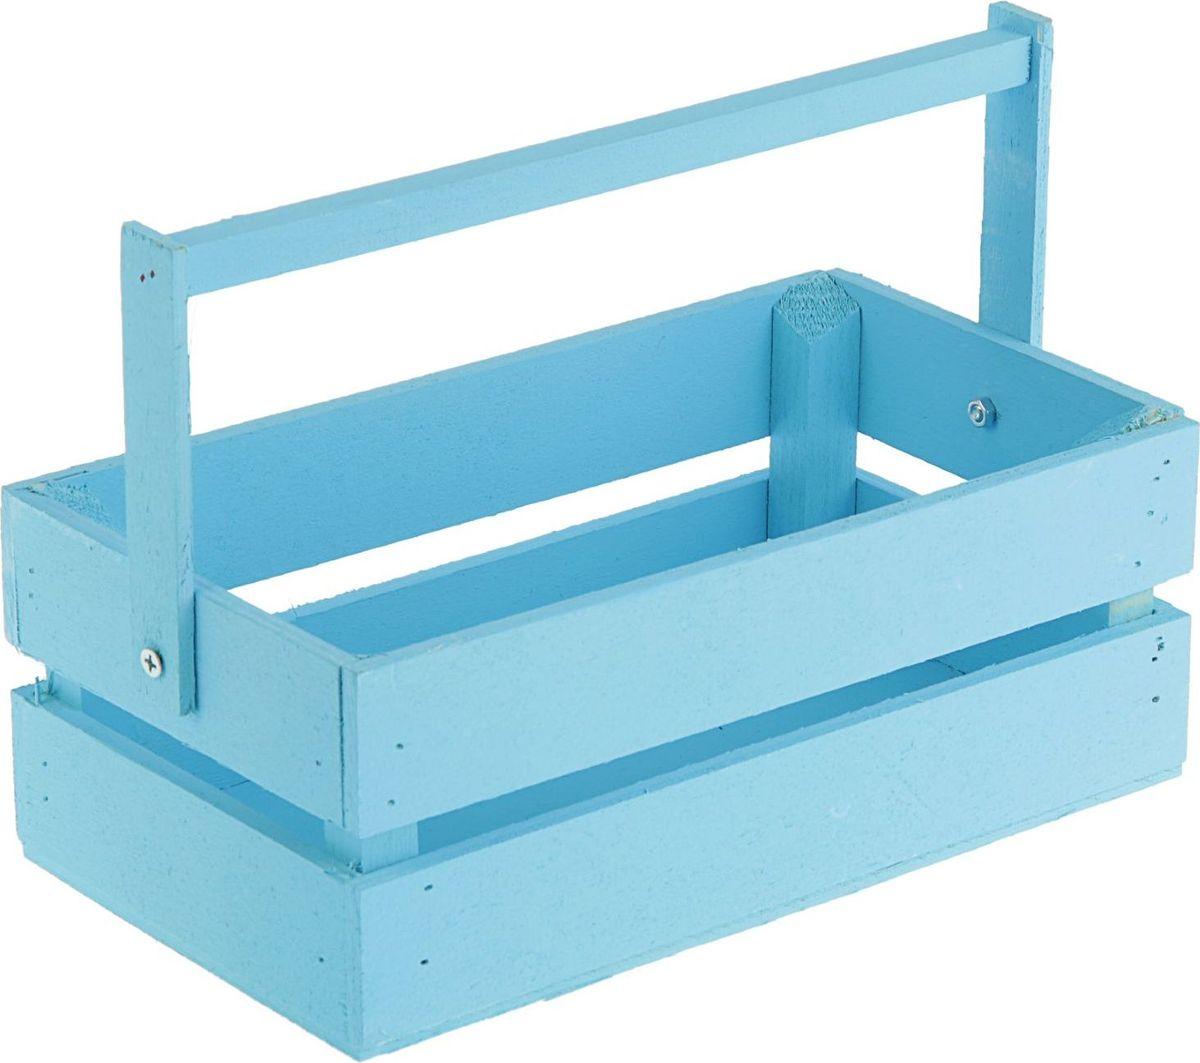 Кашпо ТД ДМ Ящик, со складной ручкой, цвет: голубой, 24,5 х 13,5 х 9 см кашпо тд дм ящик любовь флористическое 20 х 16 х 9 5 см